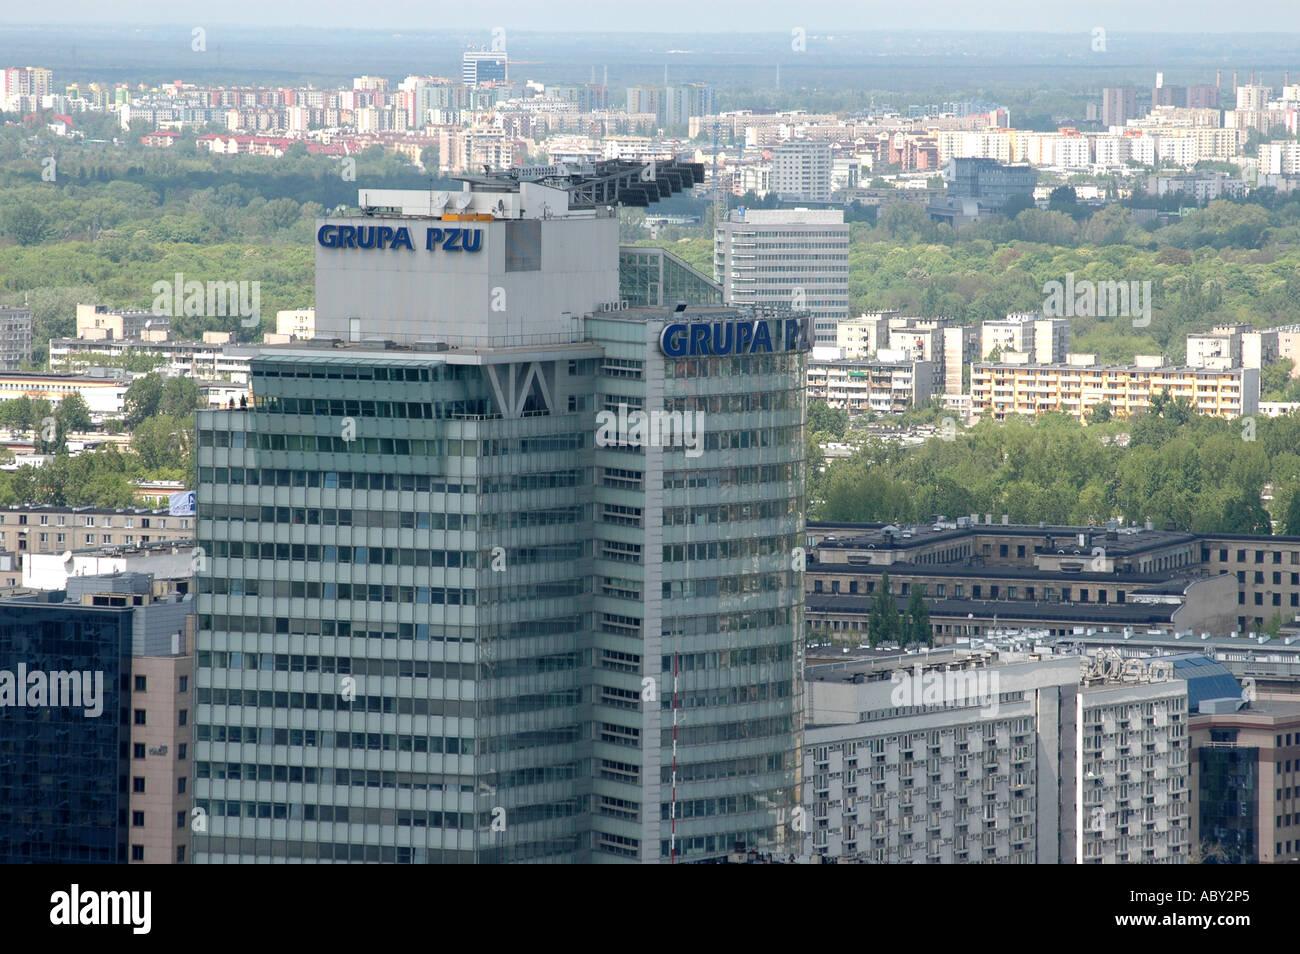 Pologne Varsovie panorama avec Groupe la compagnie d'assurance PZU polonais bâtiment Banque D'Images